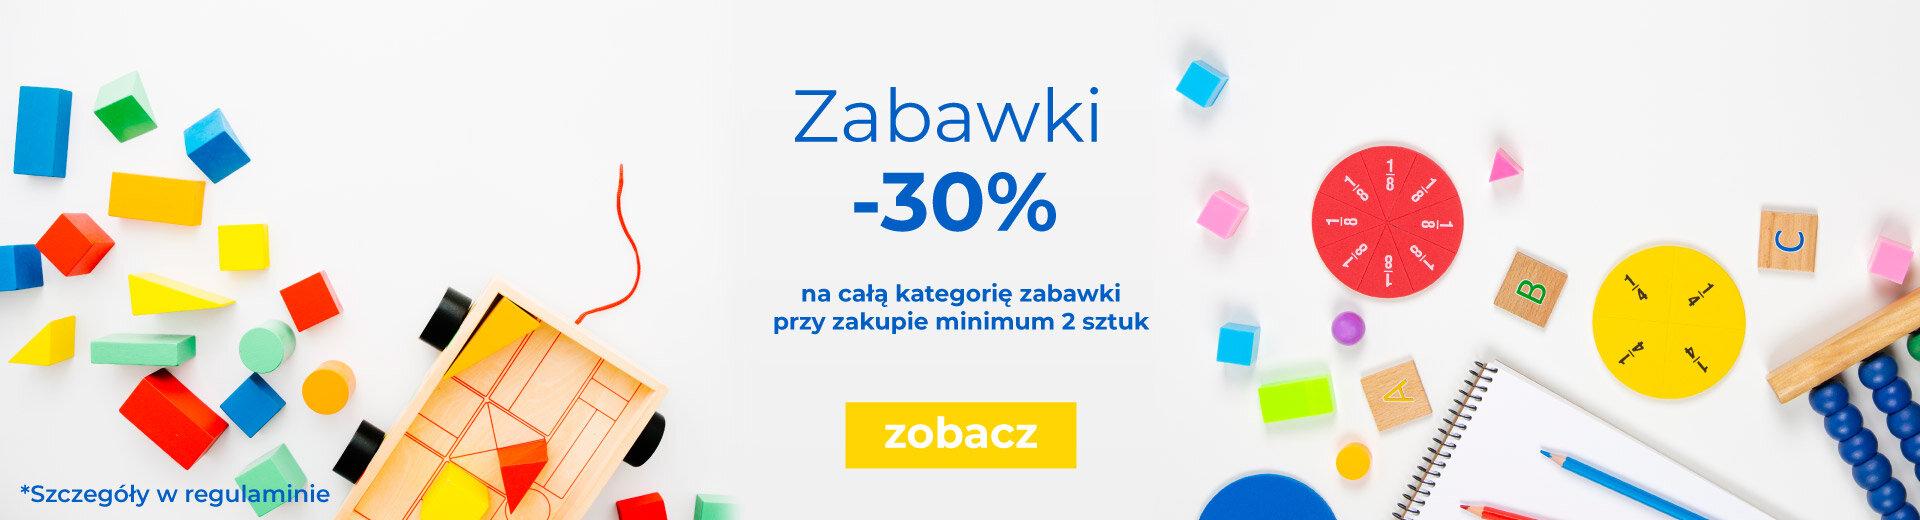 TXM: 30% zniżki na zabawki przy zakupie min. 2 szt